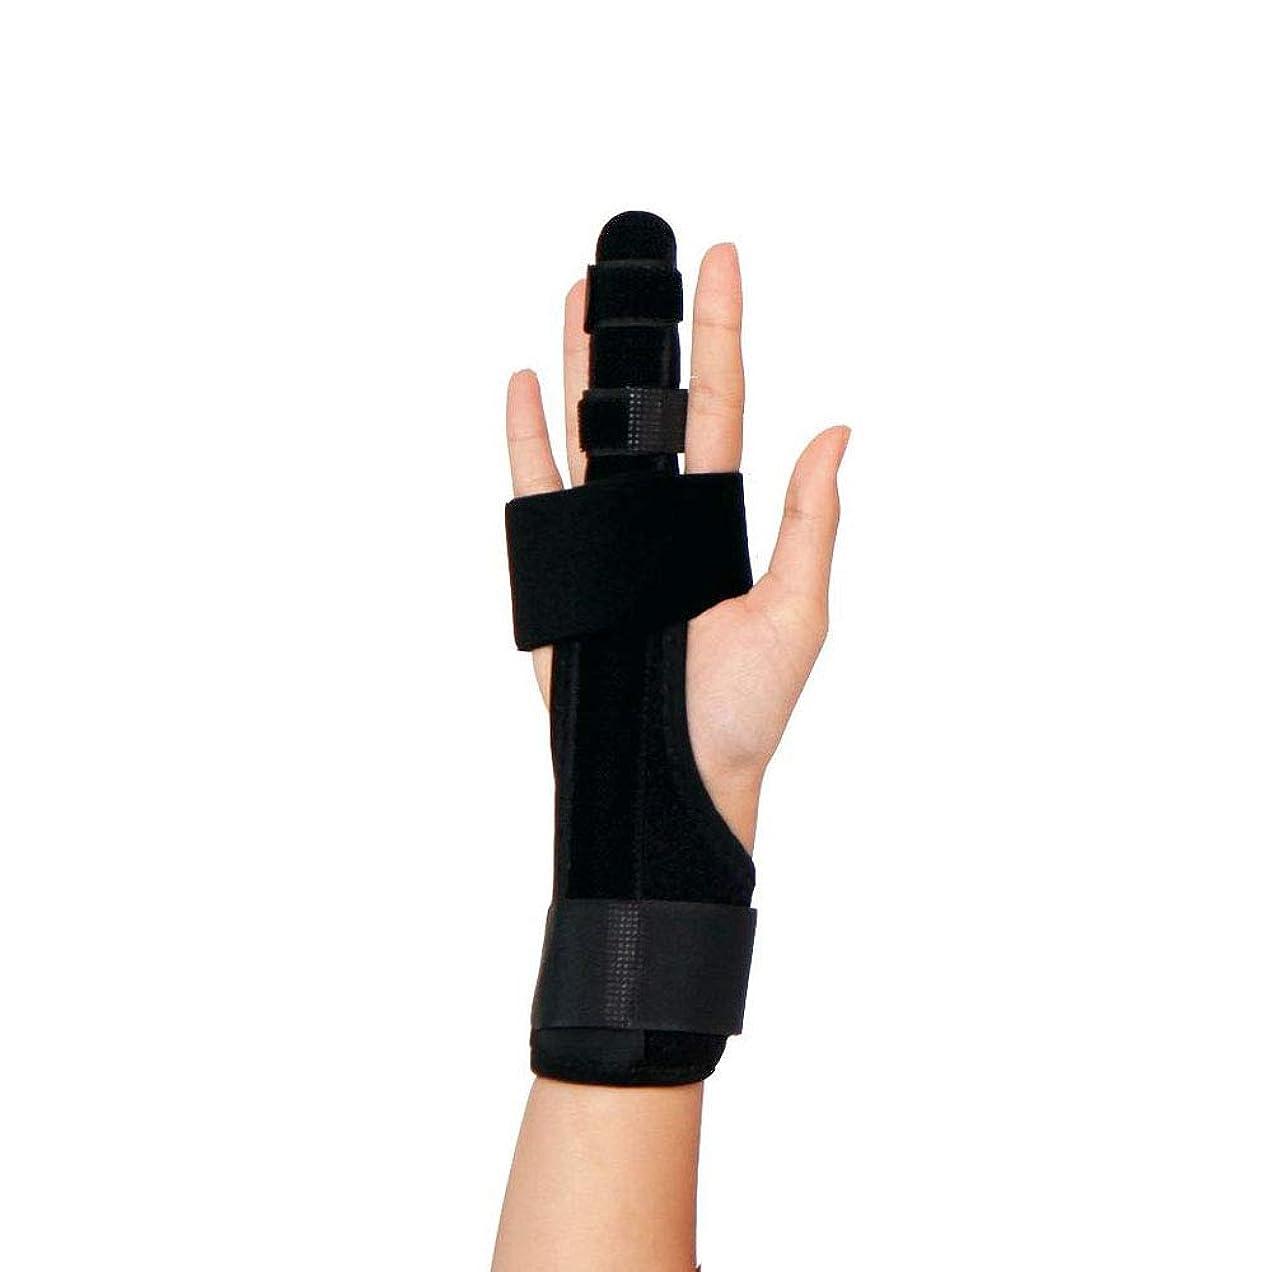 ローンプライバシー意識的トリガーフィンガースプリントフィンガーブレース、折れた指用の快適なフィンガースプリント、曲がったマレットまたは関節炎の指関節用の調整可能なプロテクター